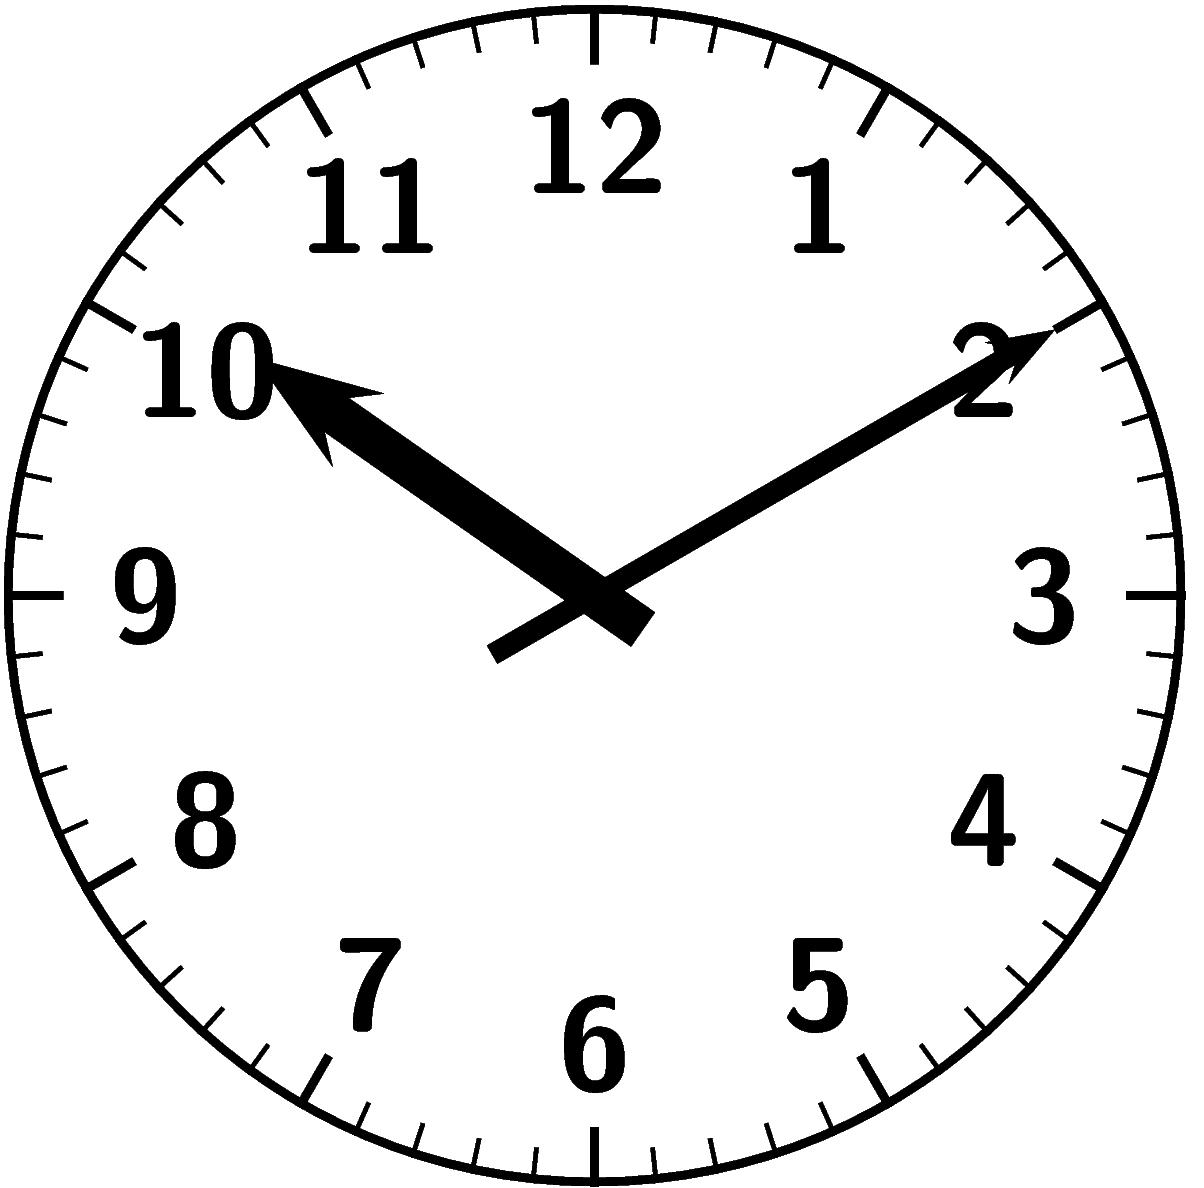 意外と知らない人が多い!?時計にはたくさんの種類があった!?のサムネイル画像